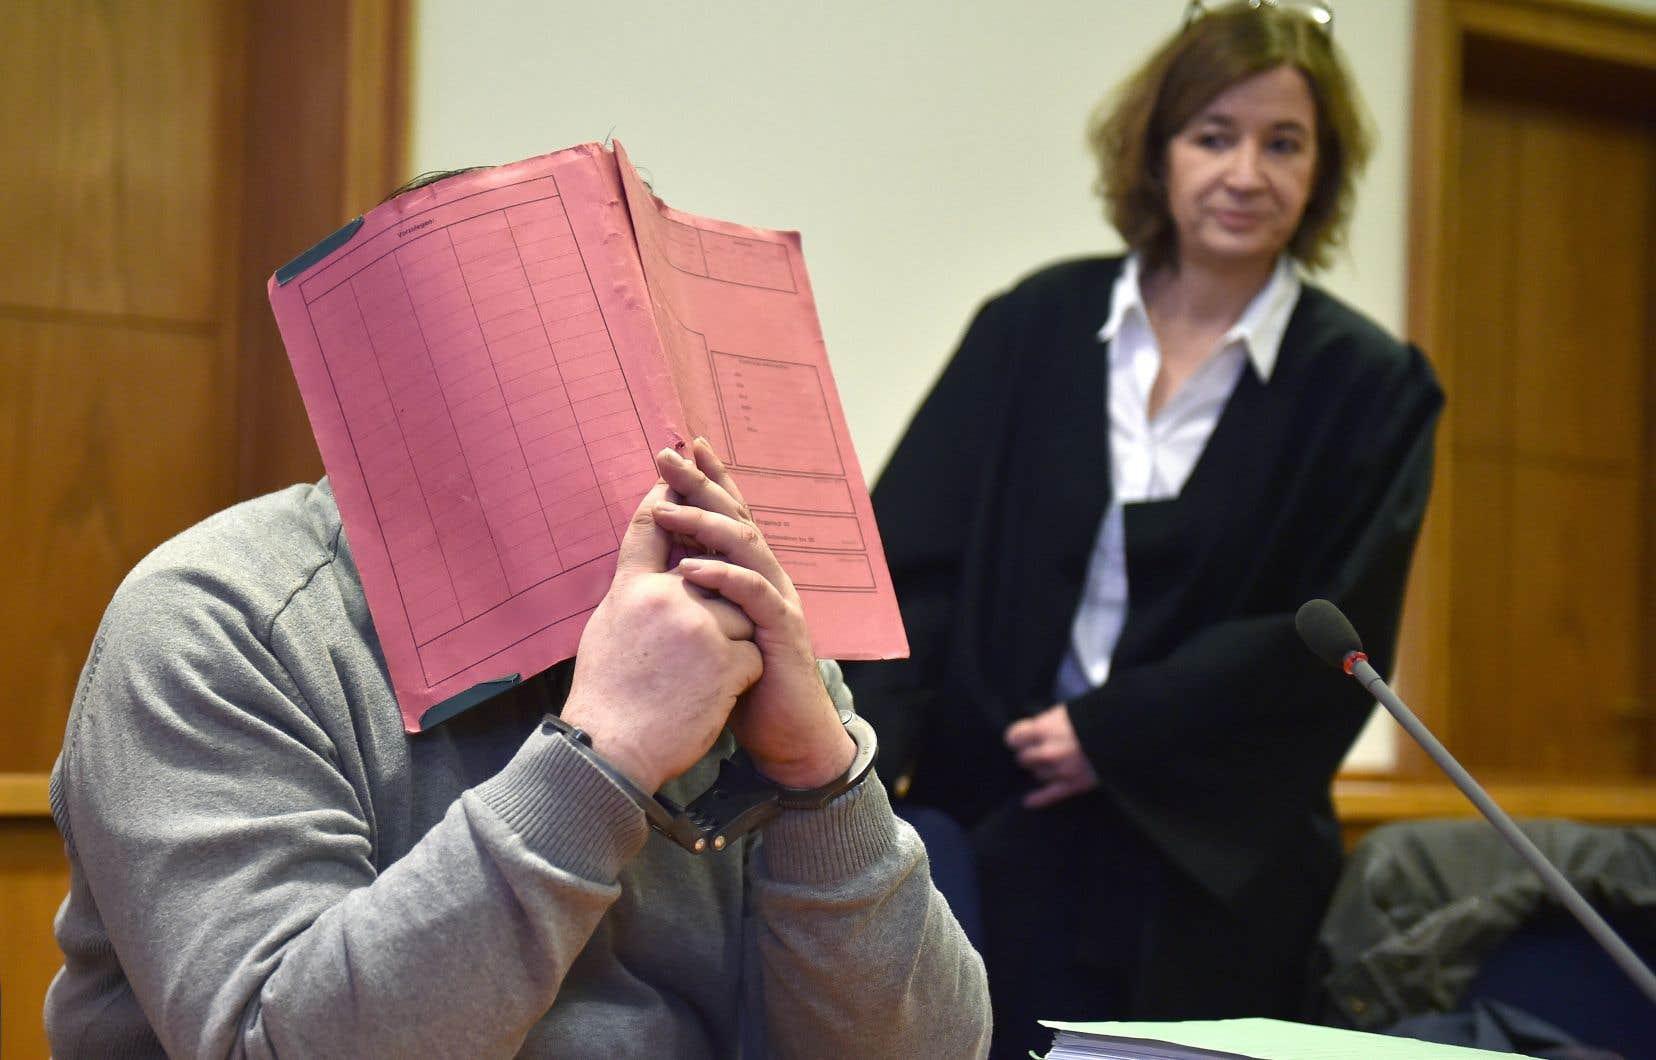 Niels Högel, 42 ans, cache son visage lors de son procès. «Vous avez tué pour vous sentir mieux», l'a accusé le juge.